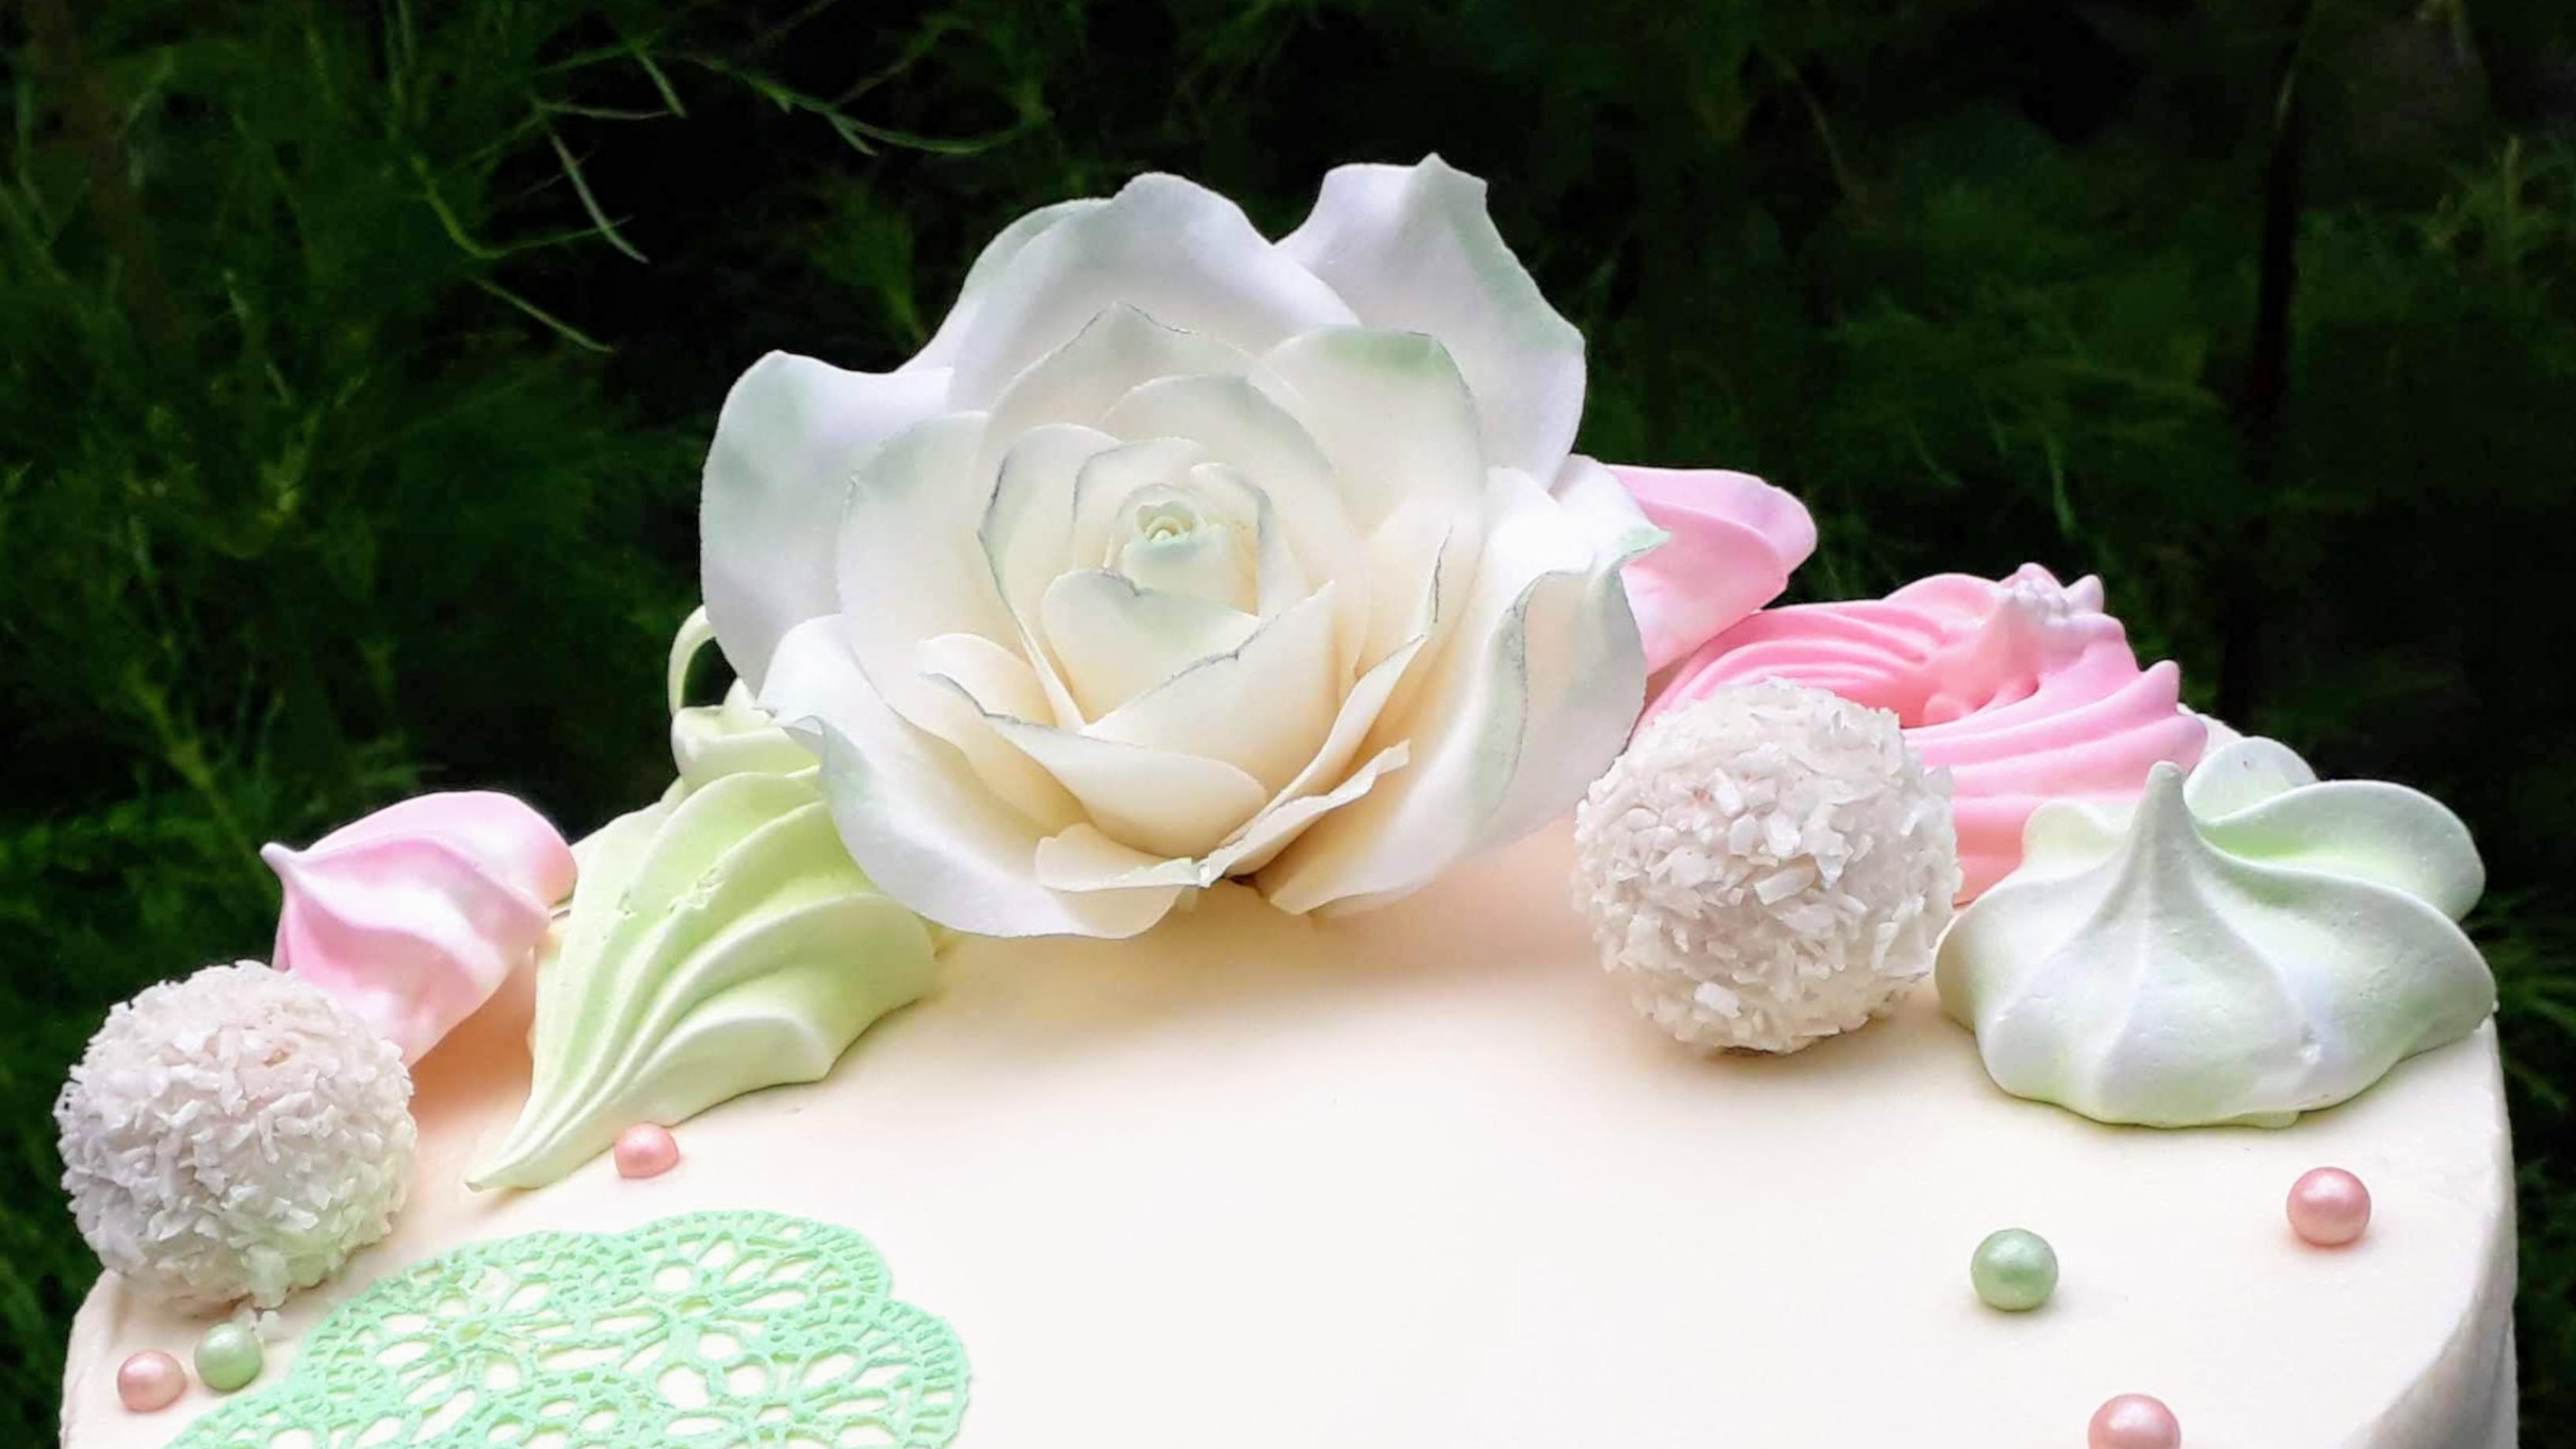 Rózsa (cukorvirág)